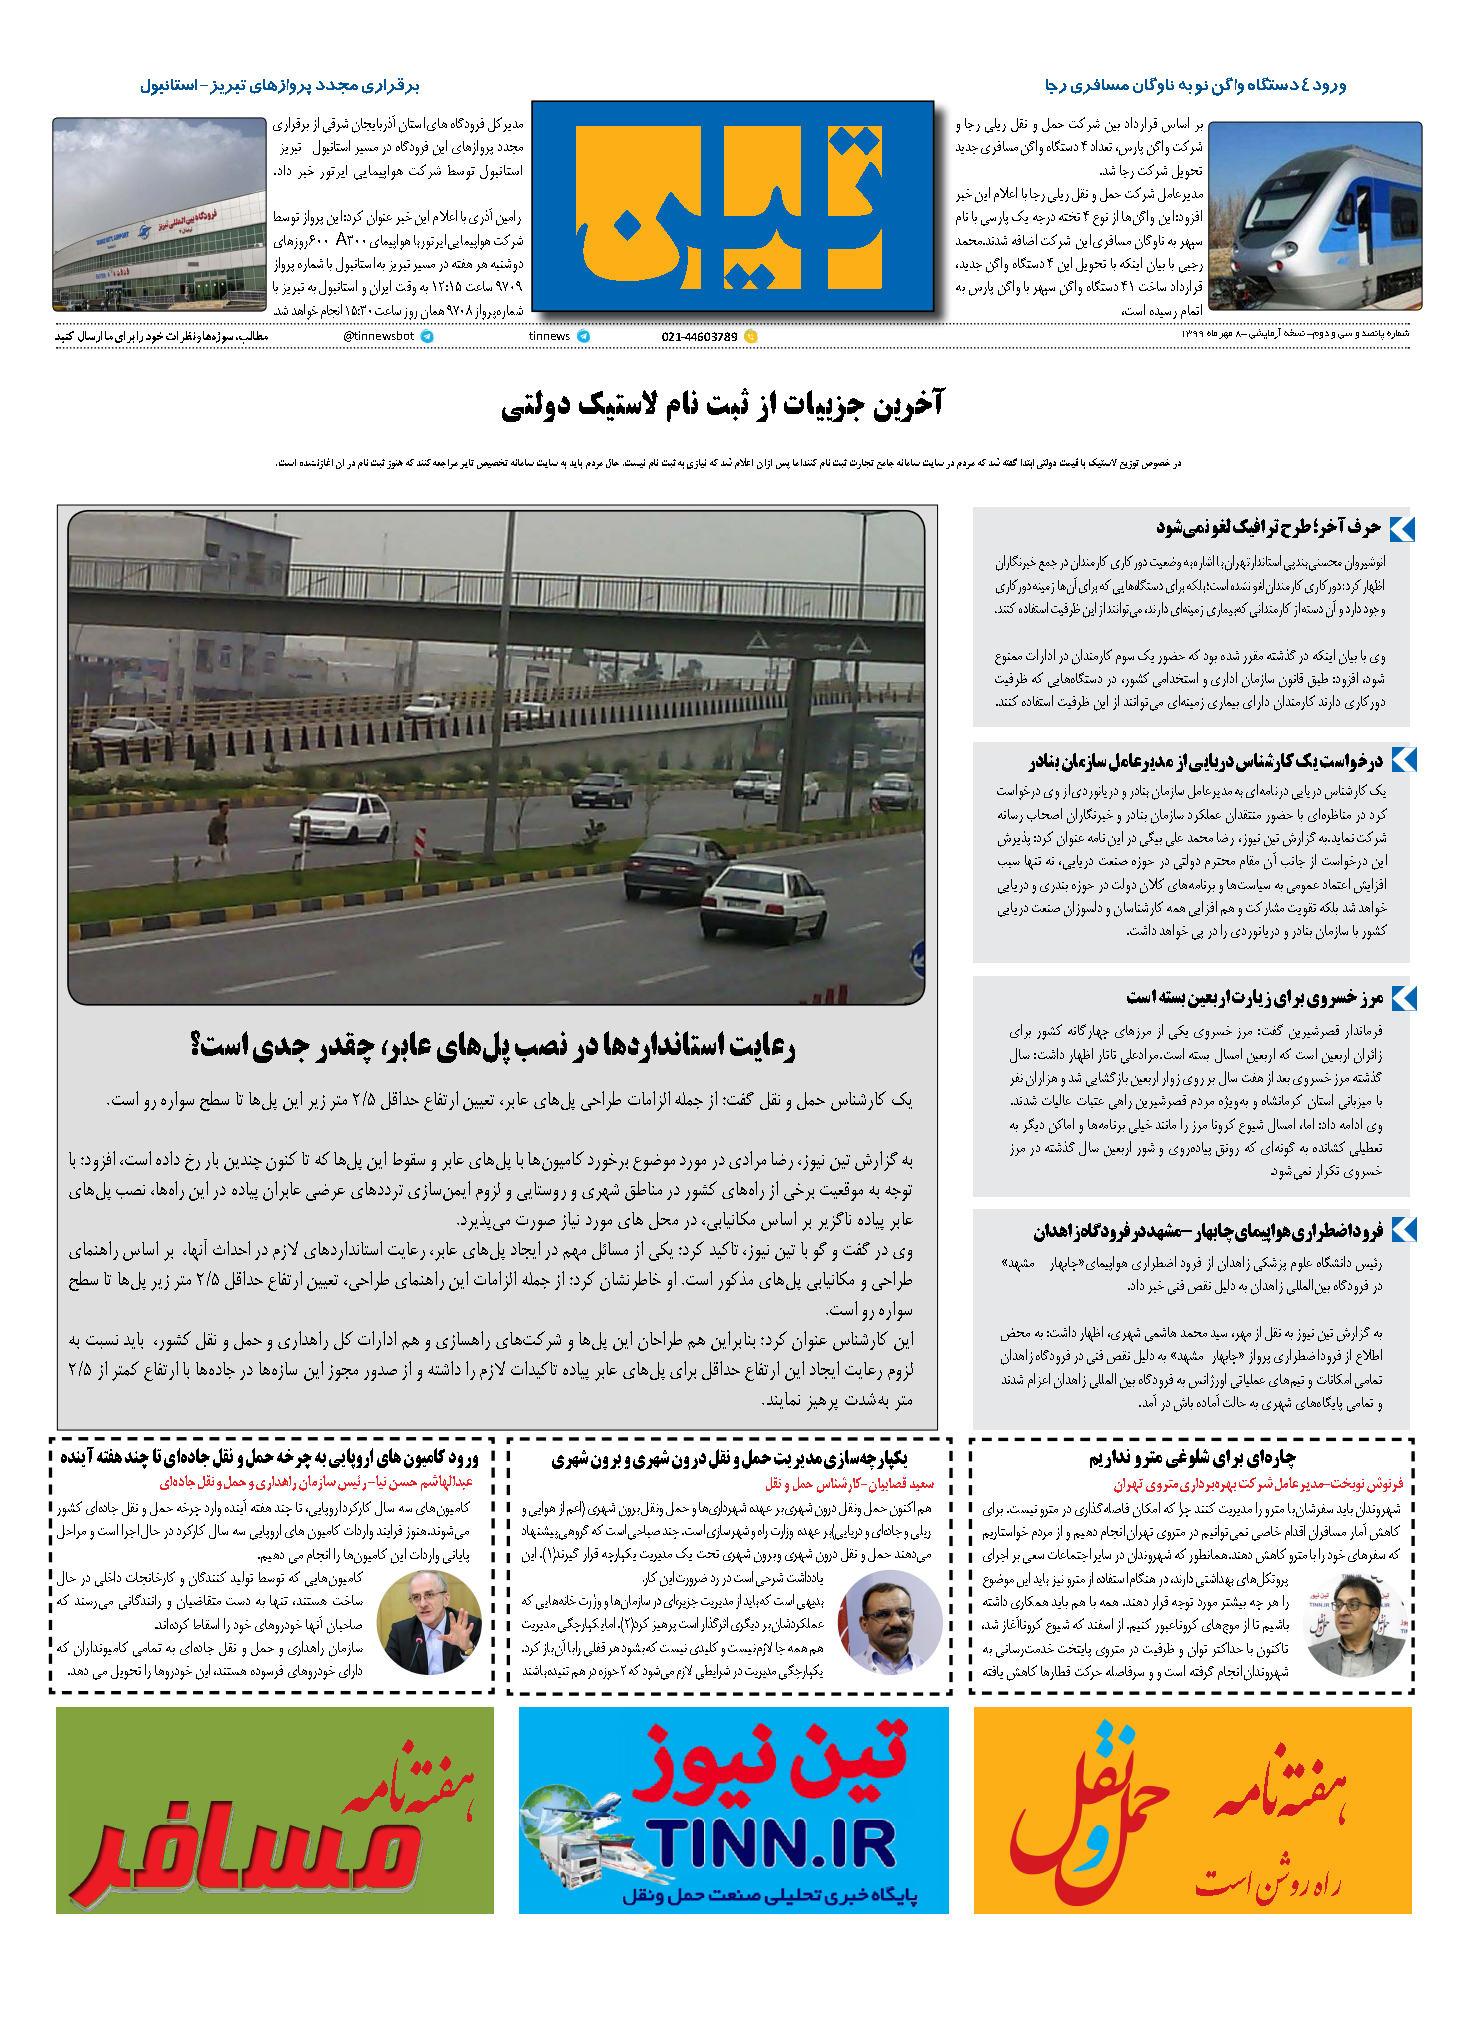 روزنامه الکترونیک 8 مهر ماه 99